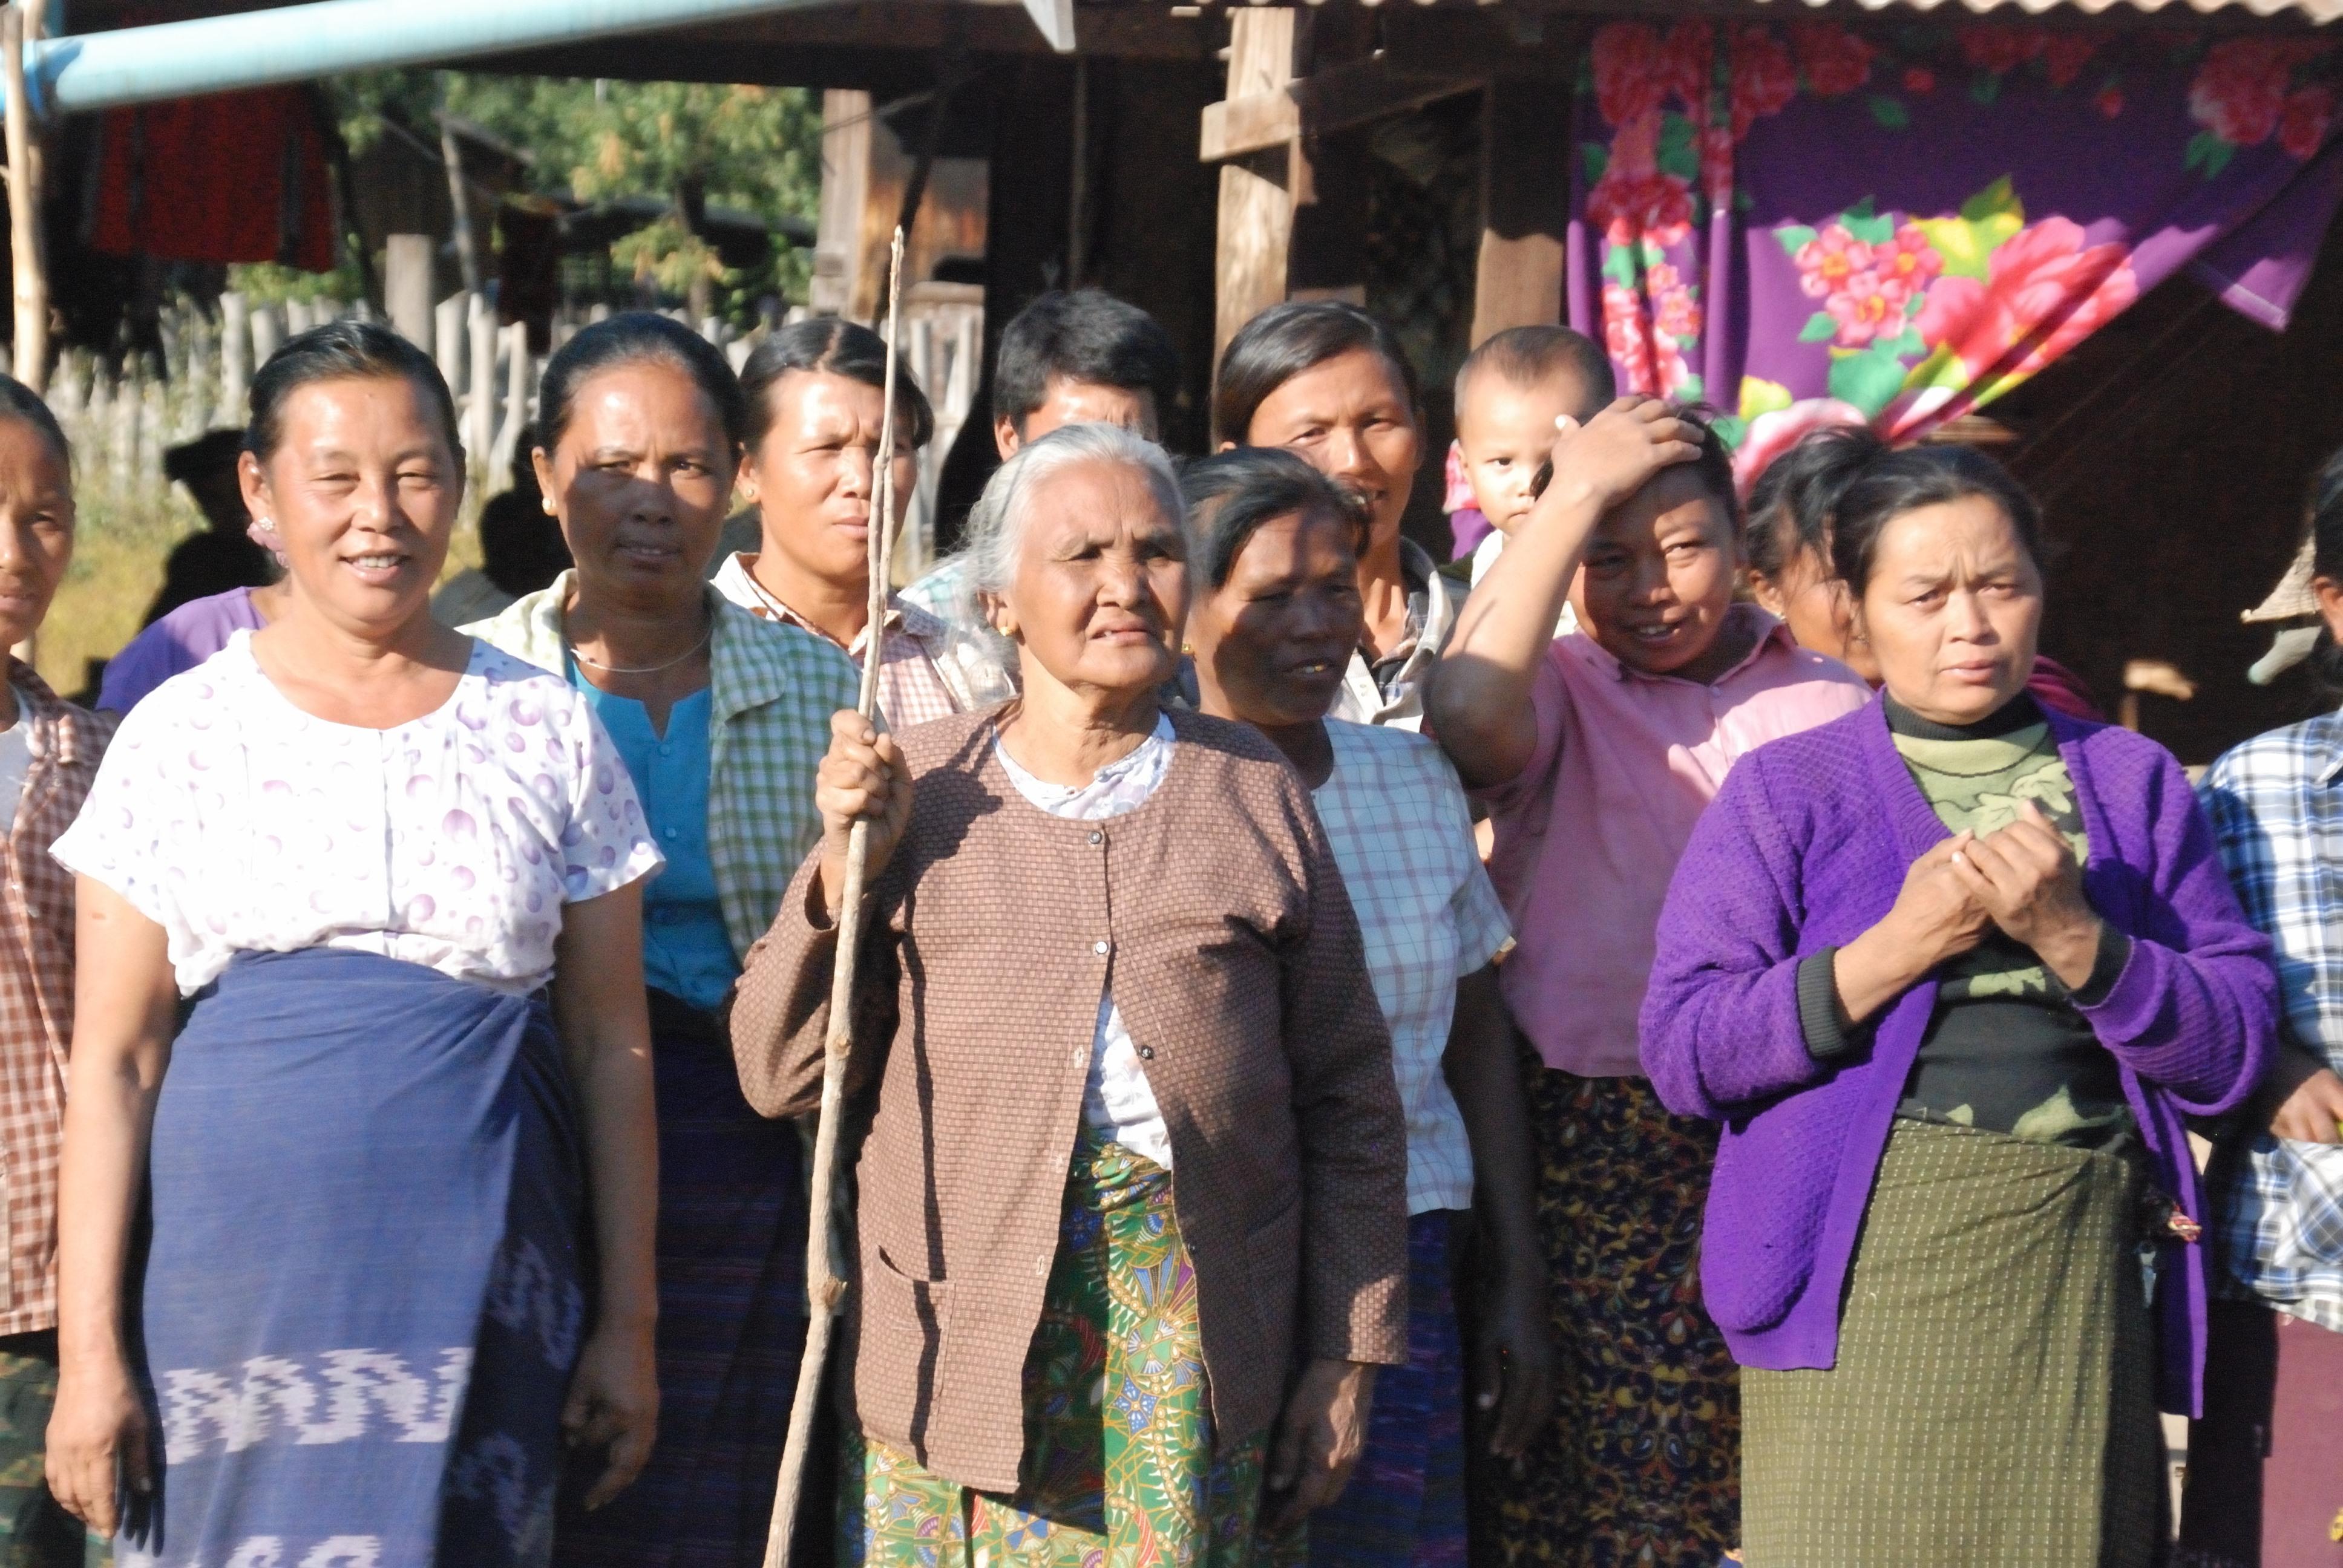 Les paysans : les grands perdants d'une Birmanie en transition